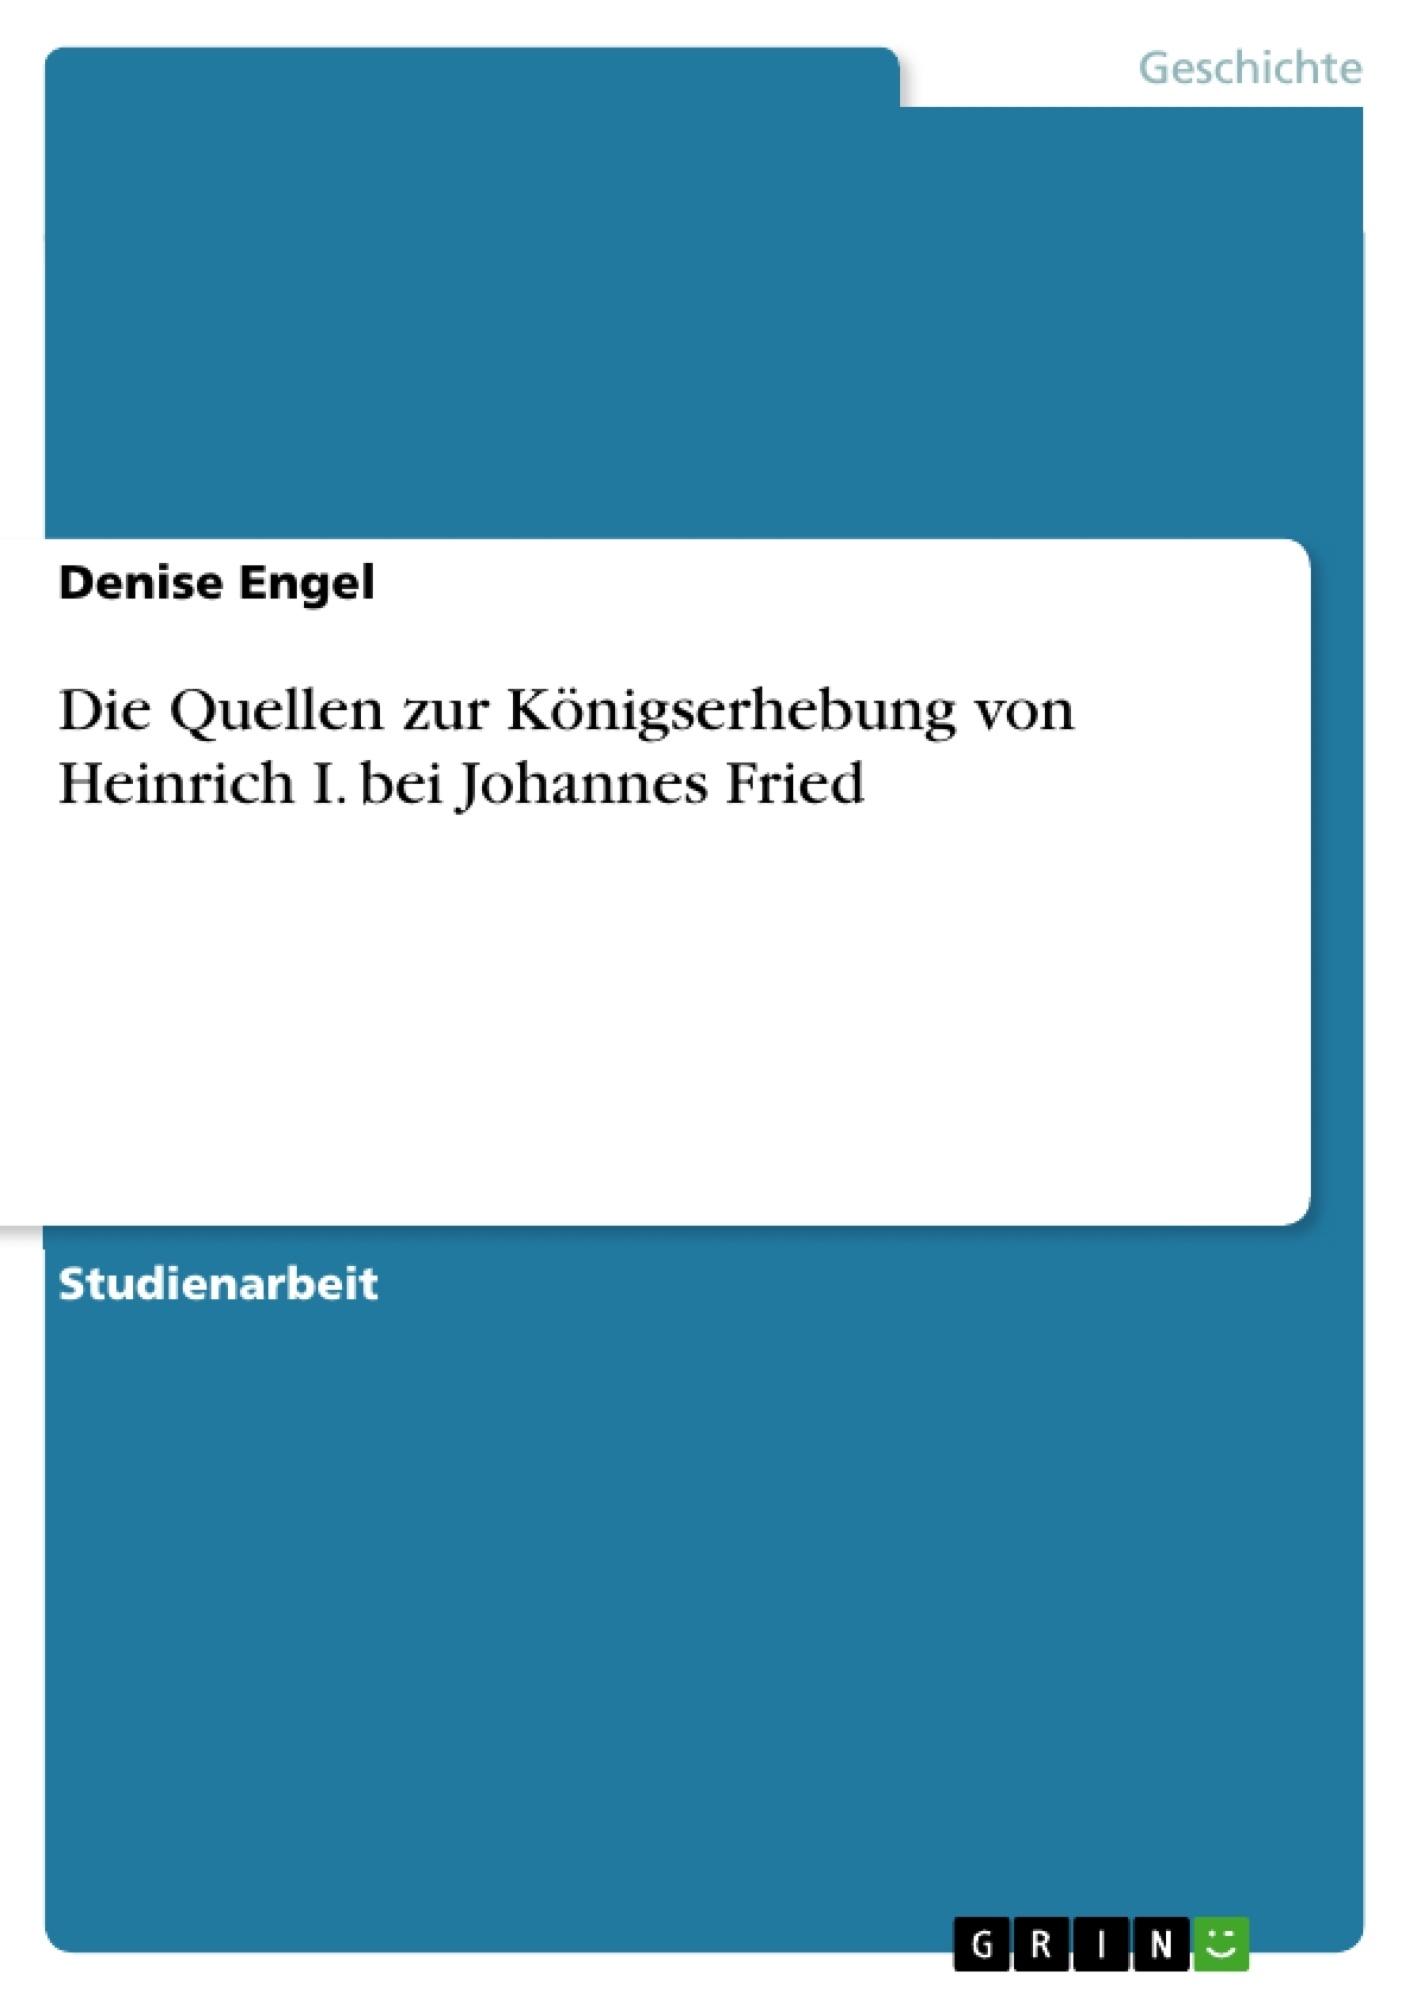 Titel: Die Quellen zur Königserhebung von Heinrich I. bei Johannes Fried